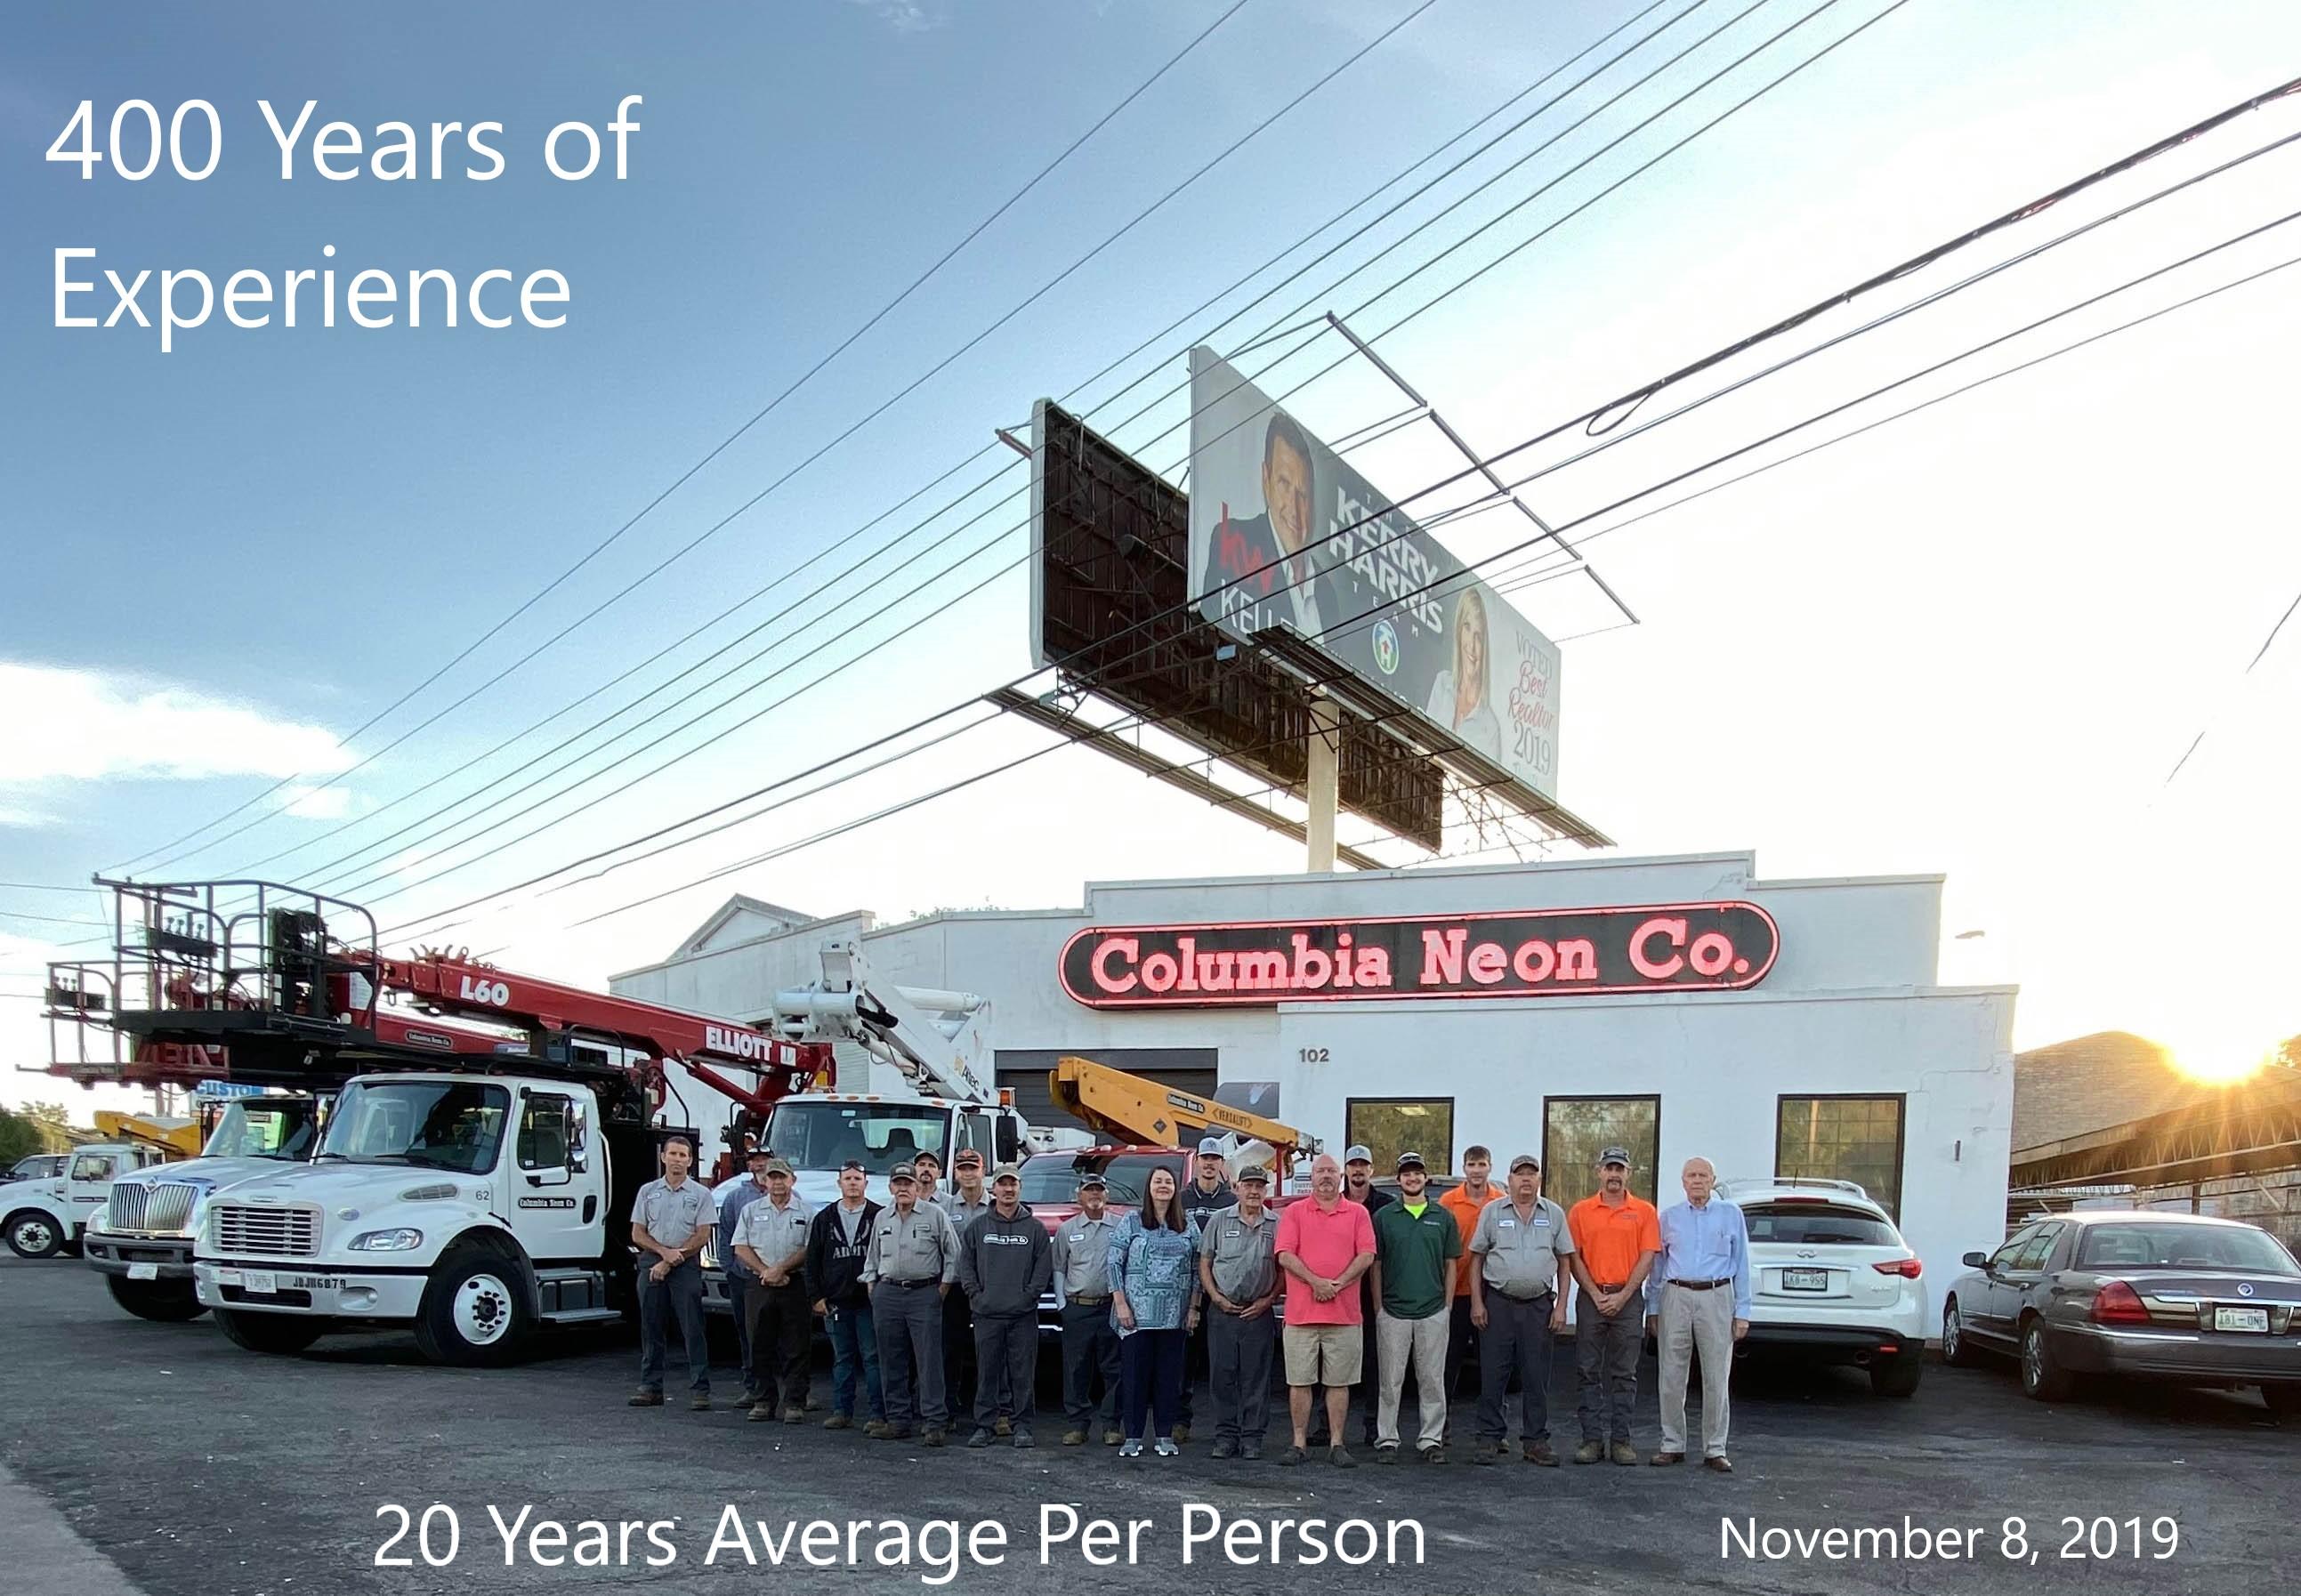 Columbia Neon Photo